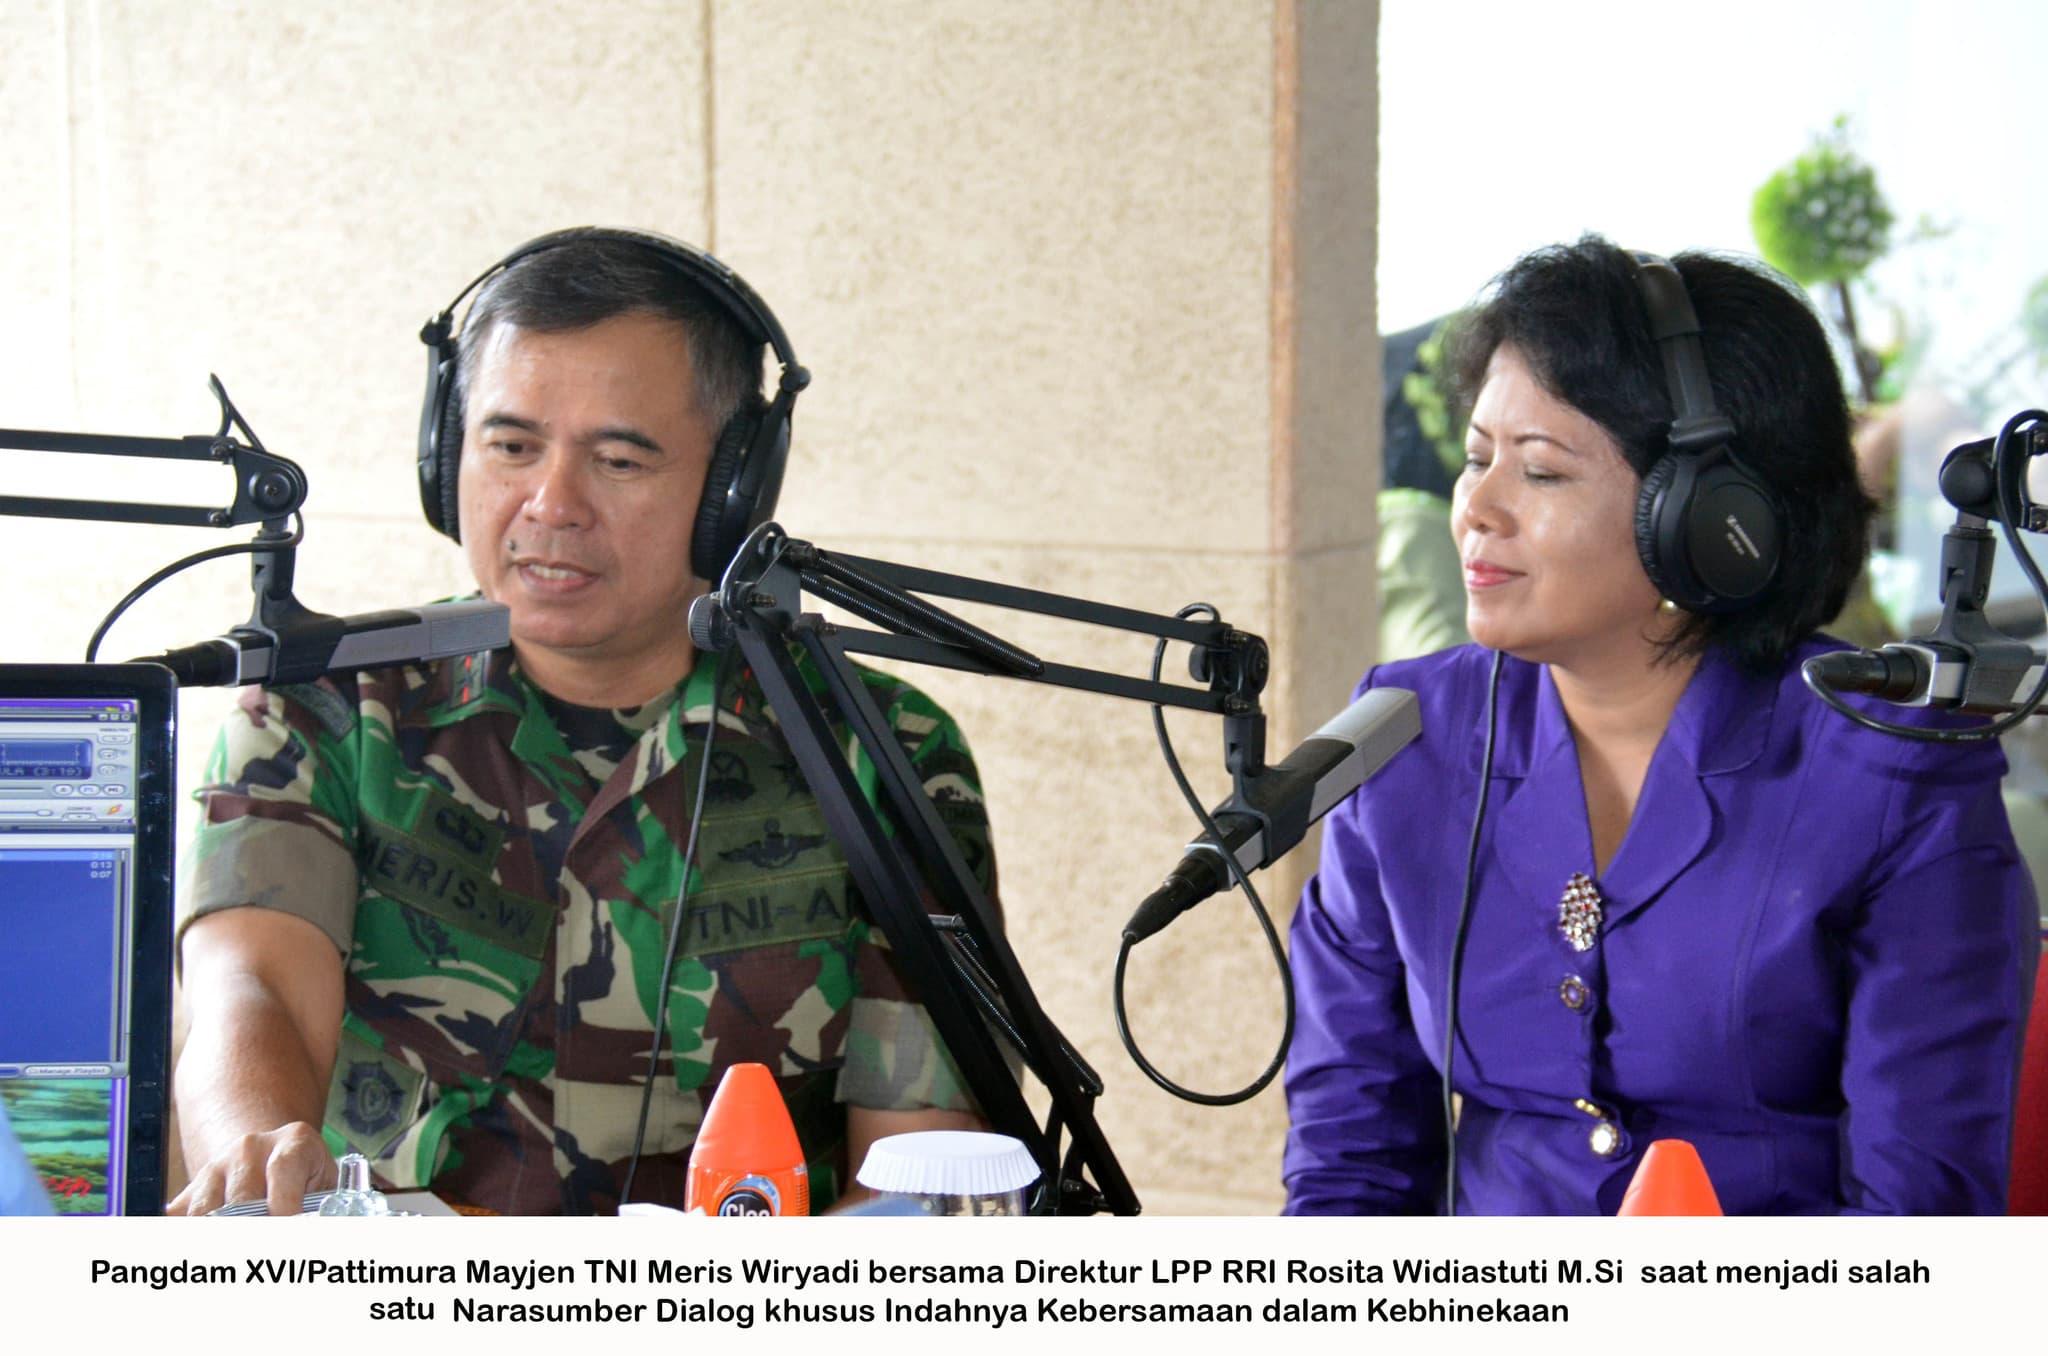 Dialog Interaktif Indahnya Kebersamaan Dalam Kebhinekaan Di RRI Maluku Bersama Mayjen TNI Meris Wiryadi